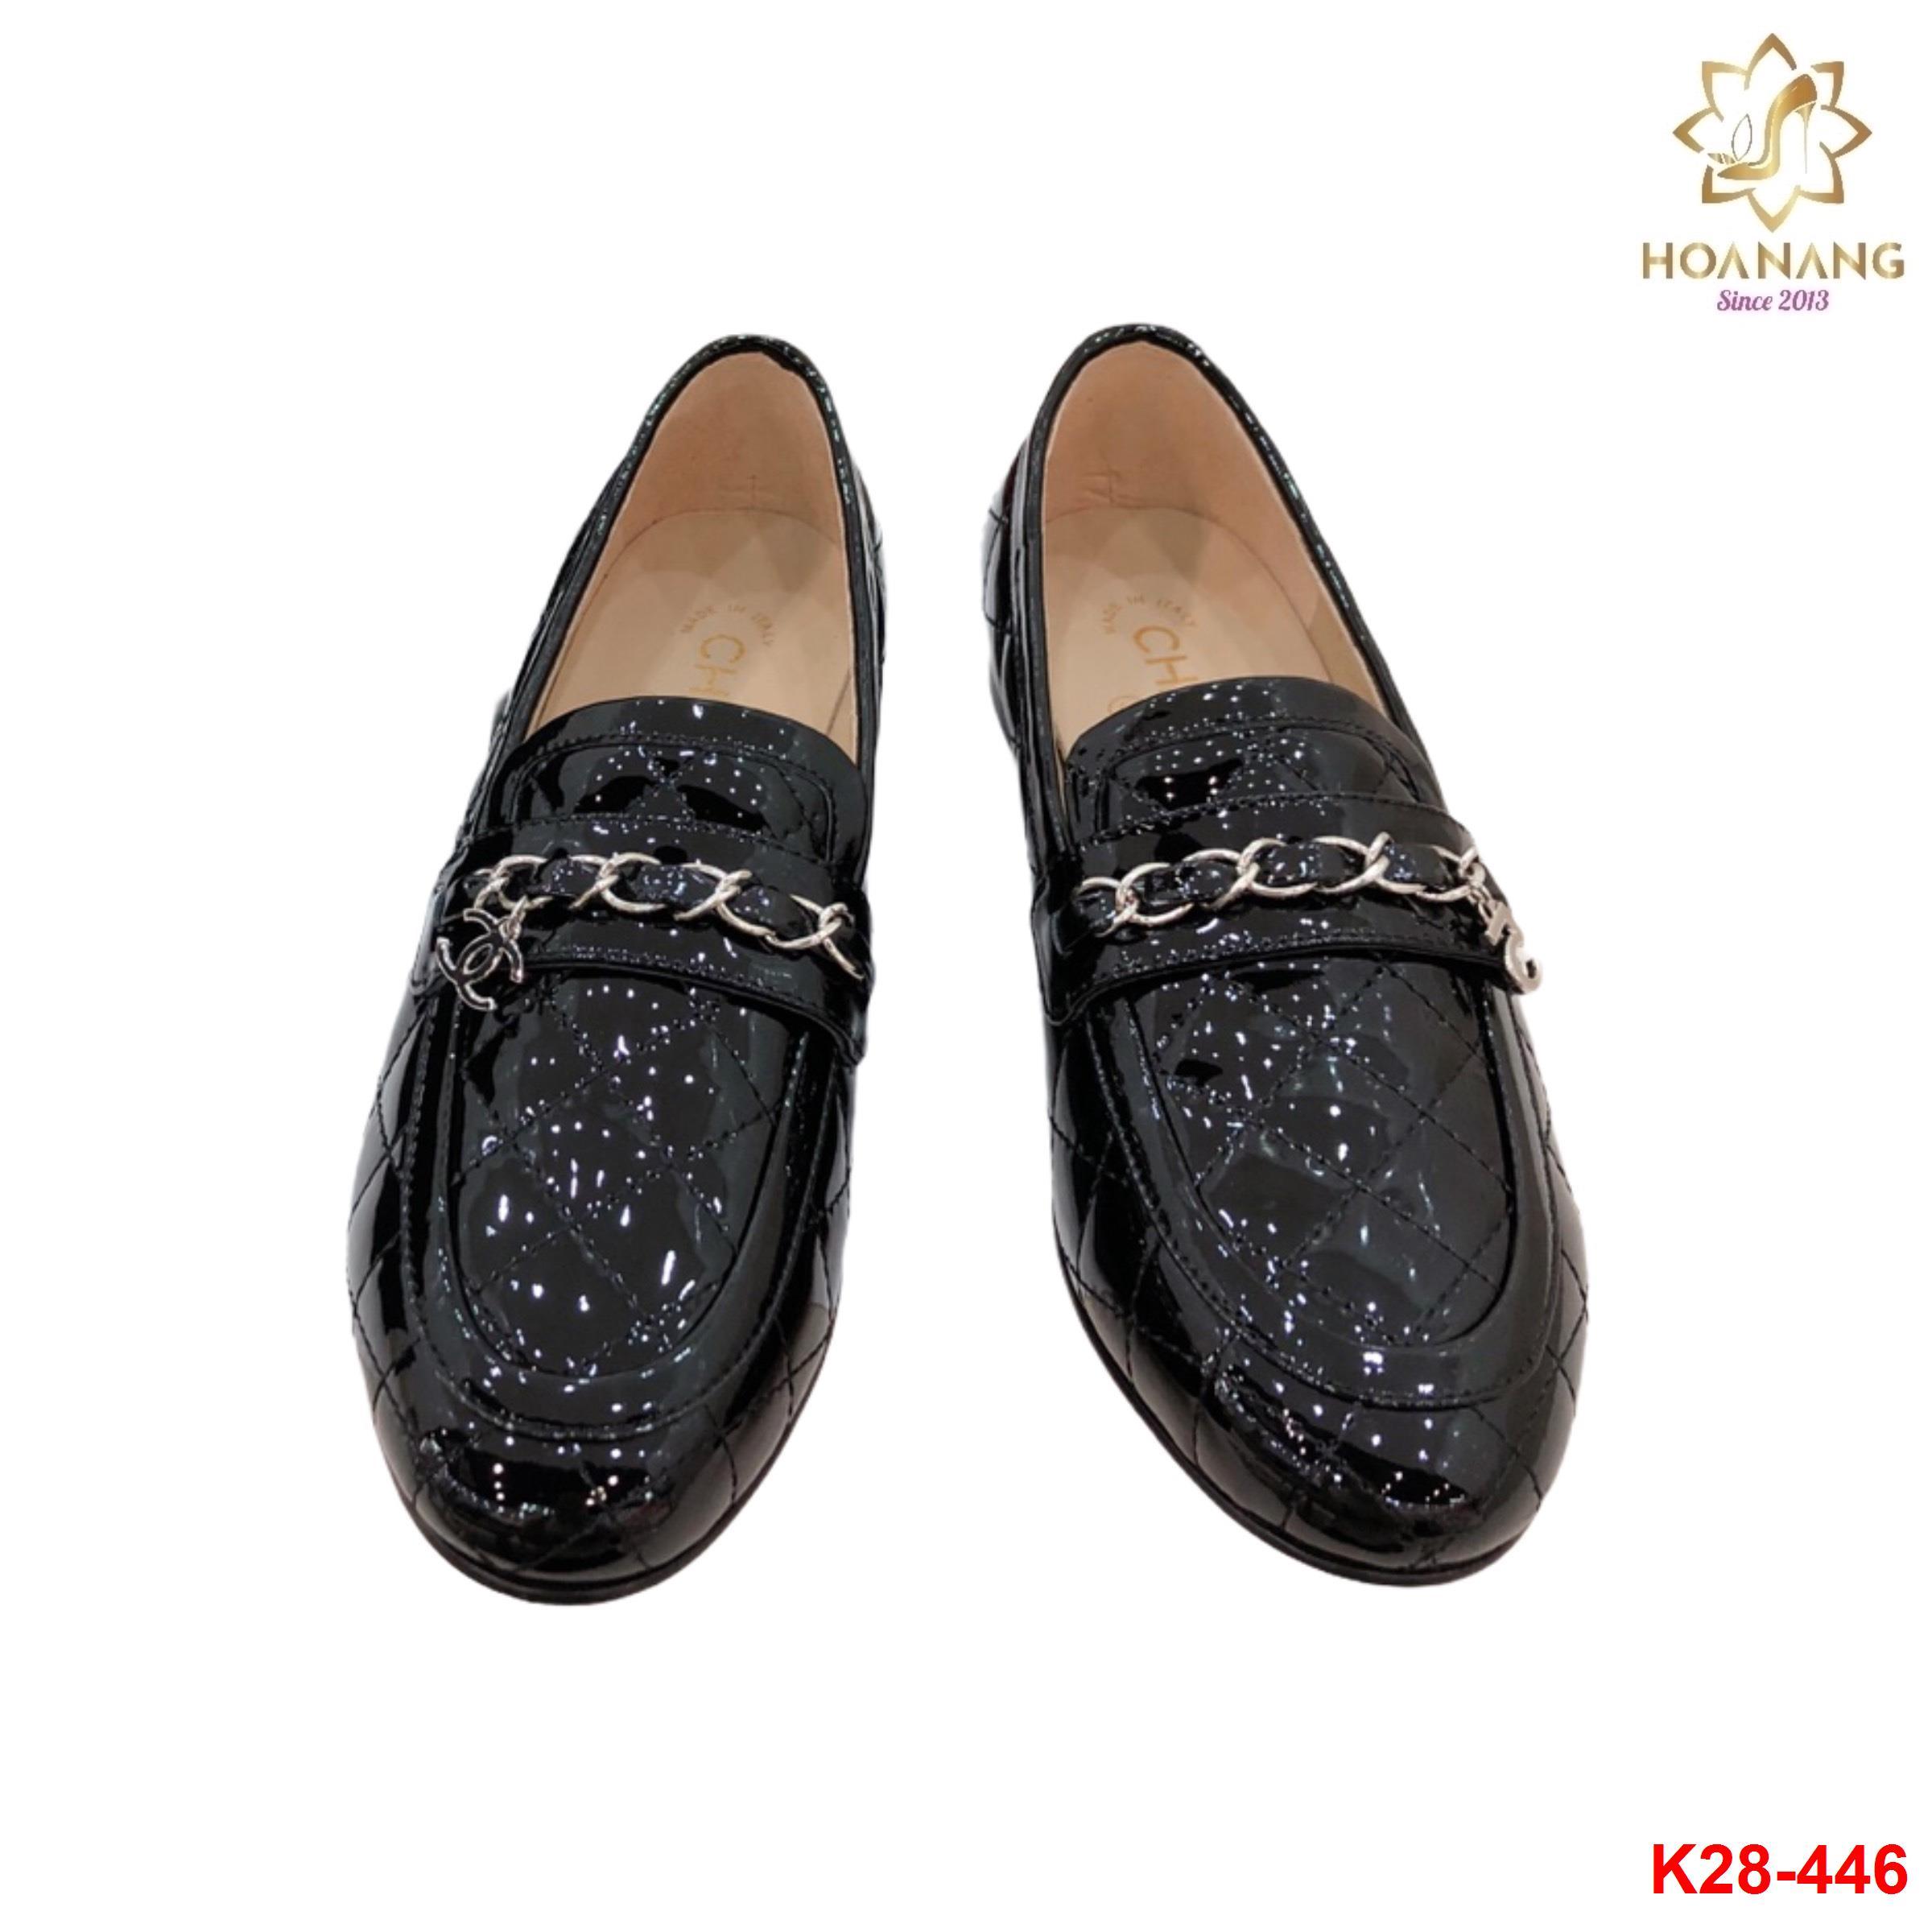 K28-446 Chanel giày lười siêu cấp